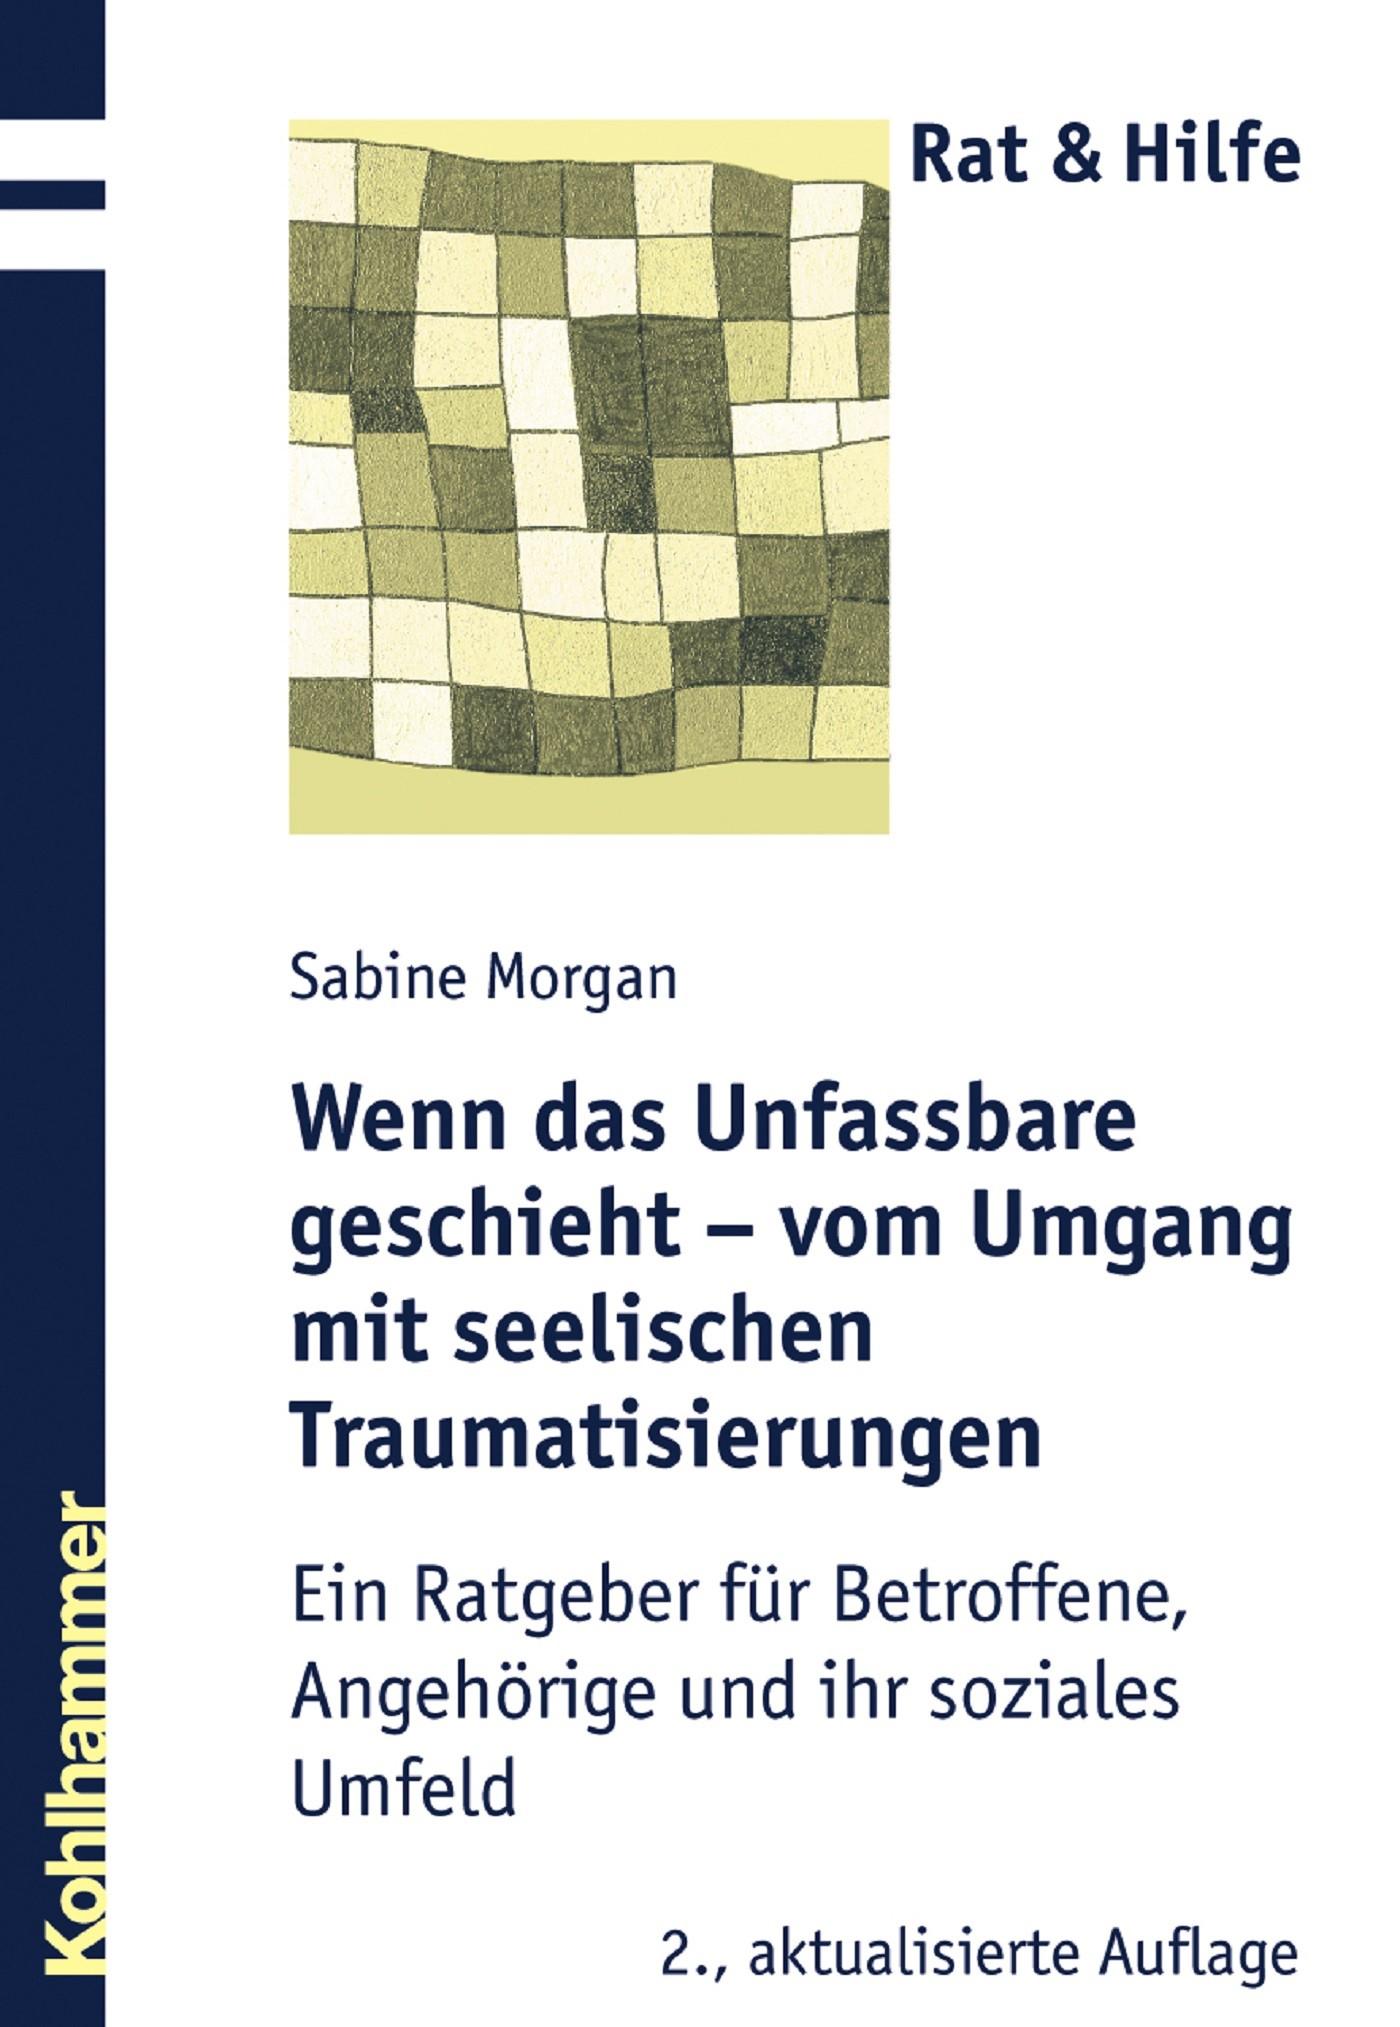 Sabine Morgan Wenn das Unfassbare geschieht - vom Umgang mit seelischen Traumatisierungen